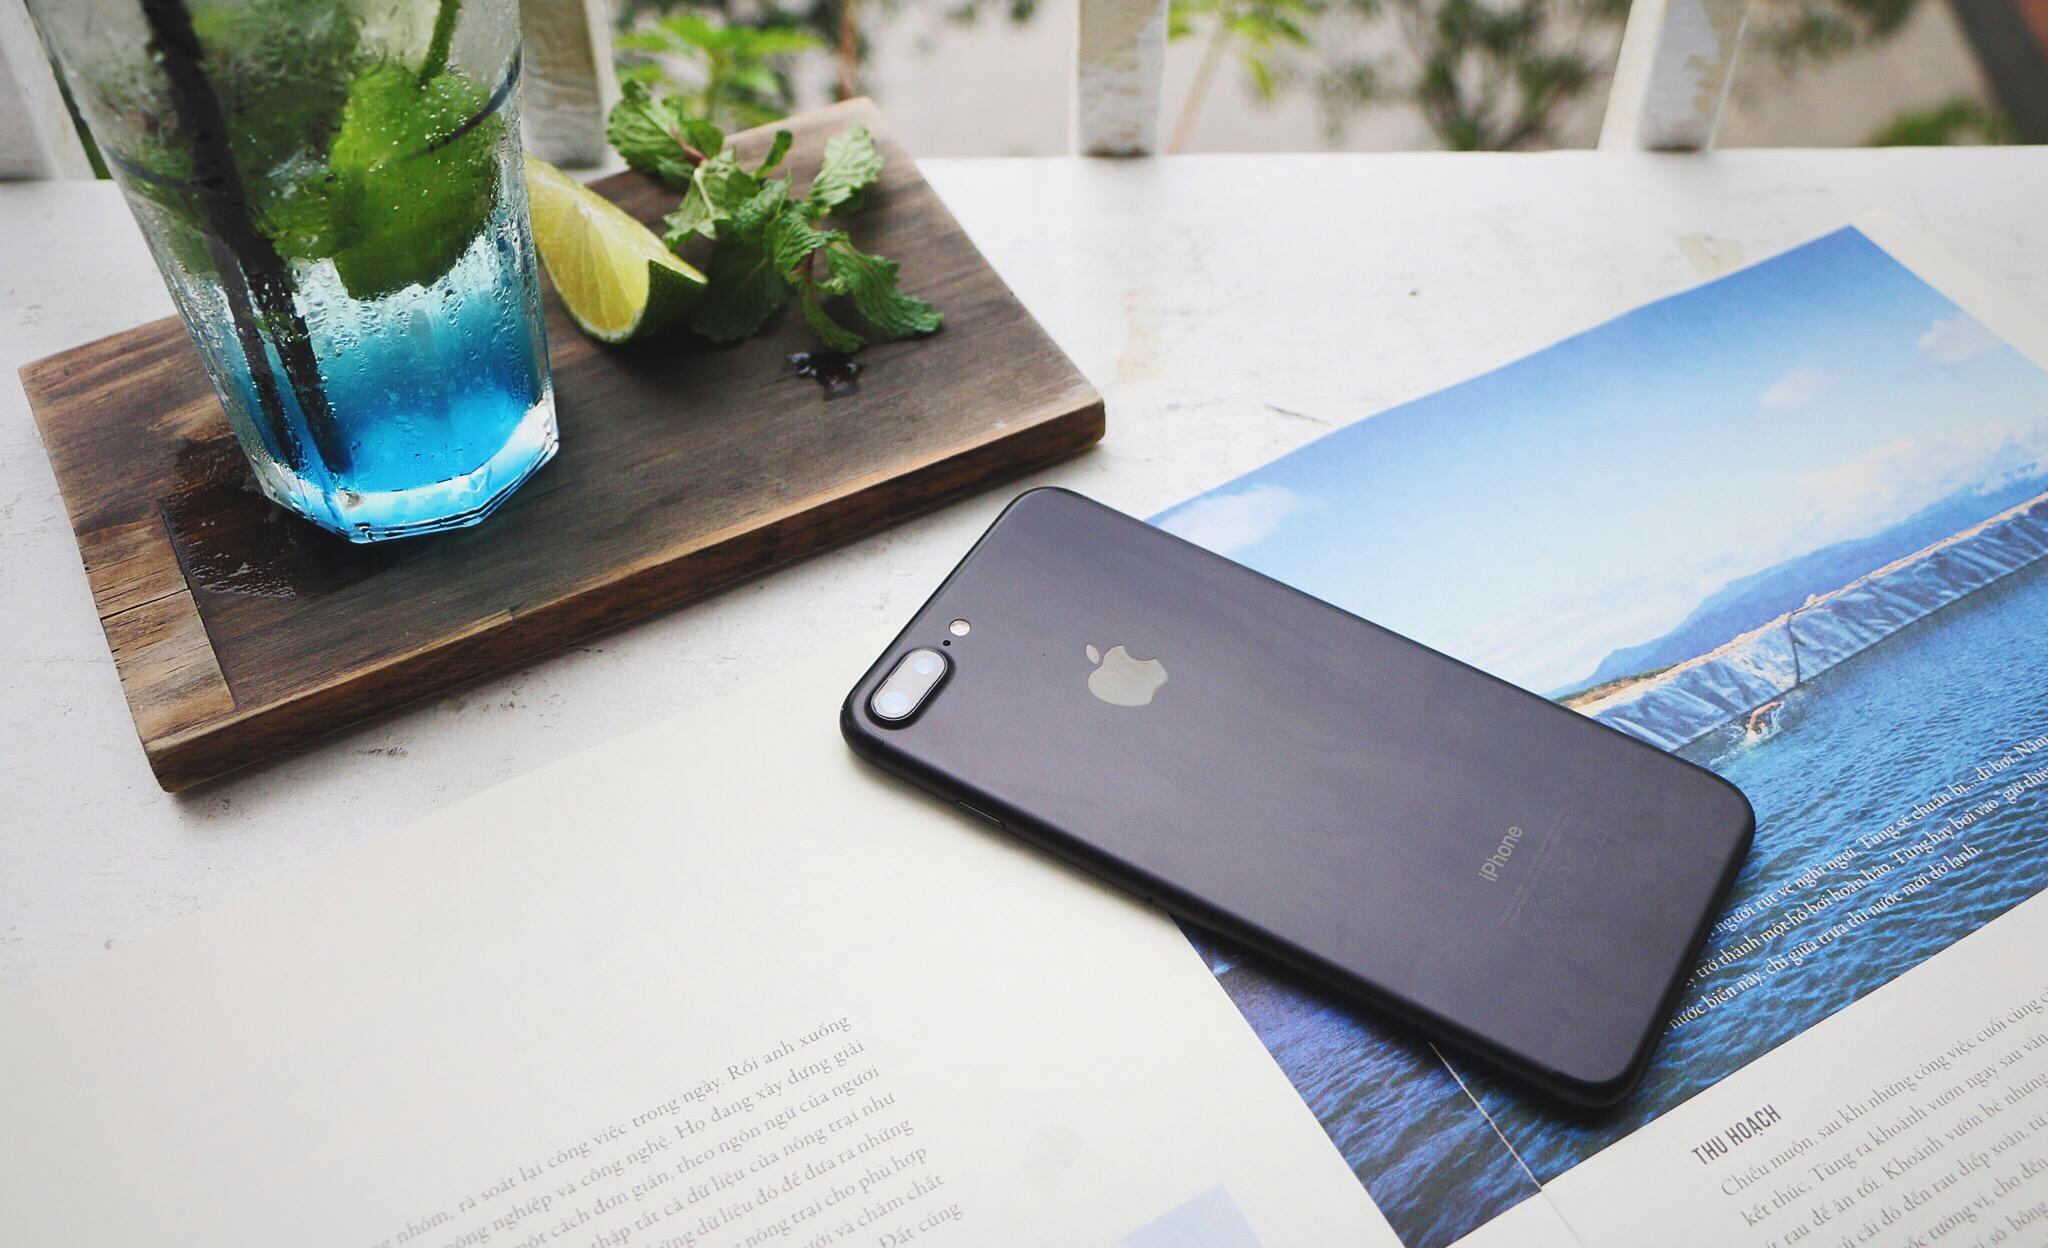 iPhone 7 Plus vô địch thiên hạ, xếp trên cả Galaxy S7 Edge của Samsung